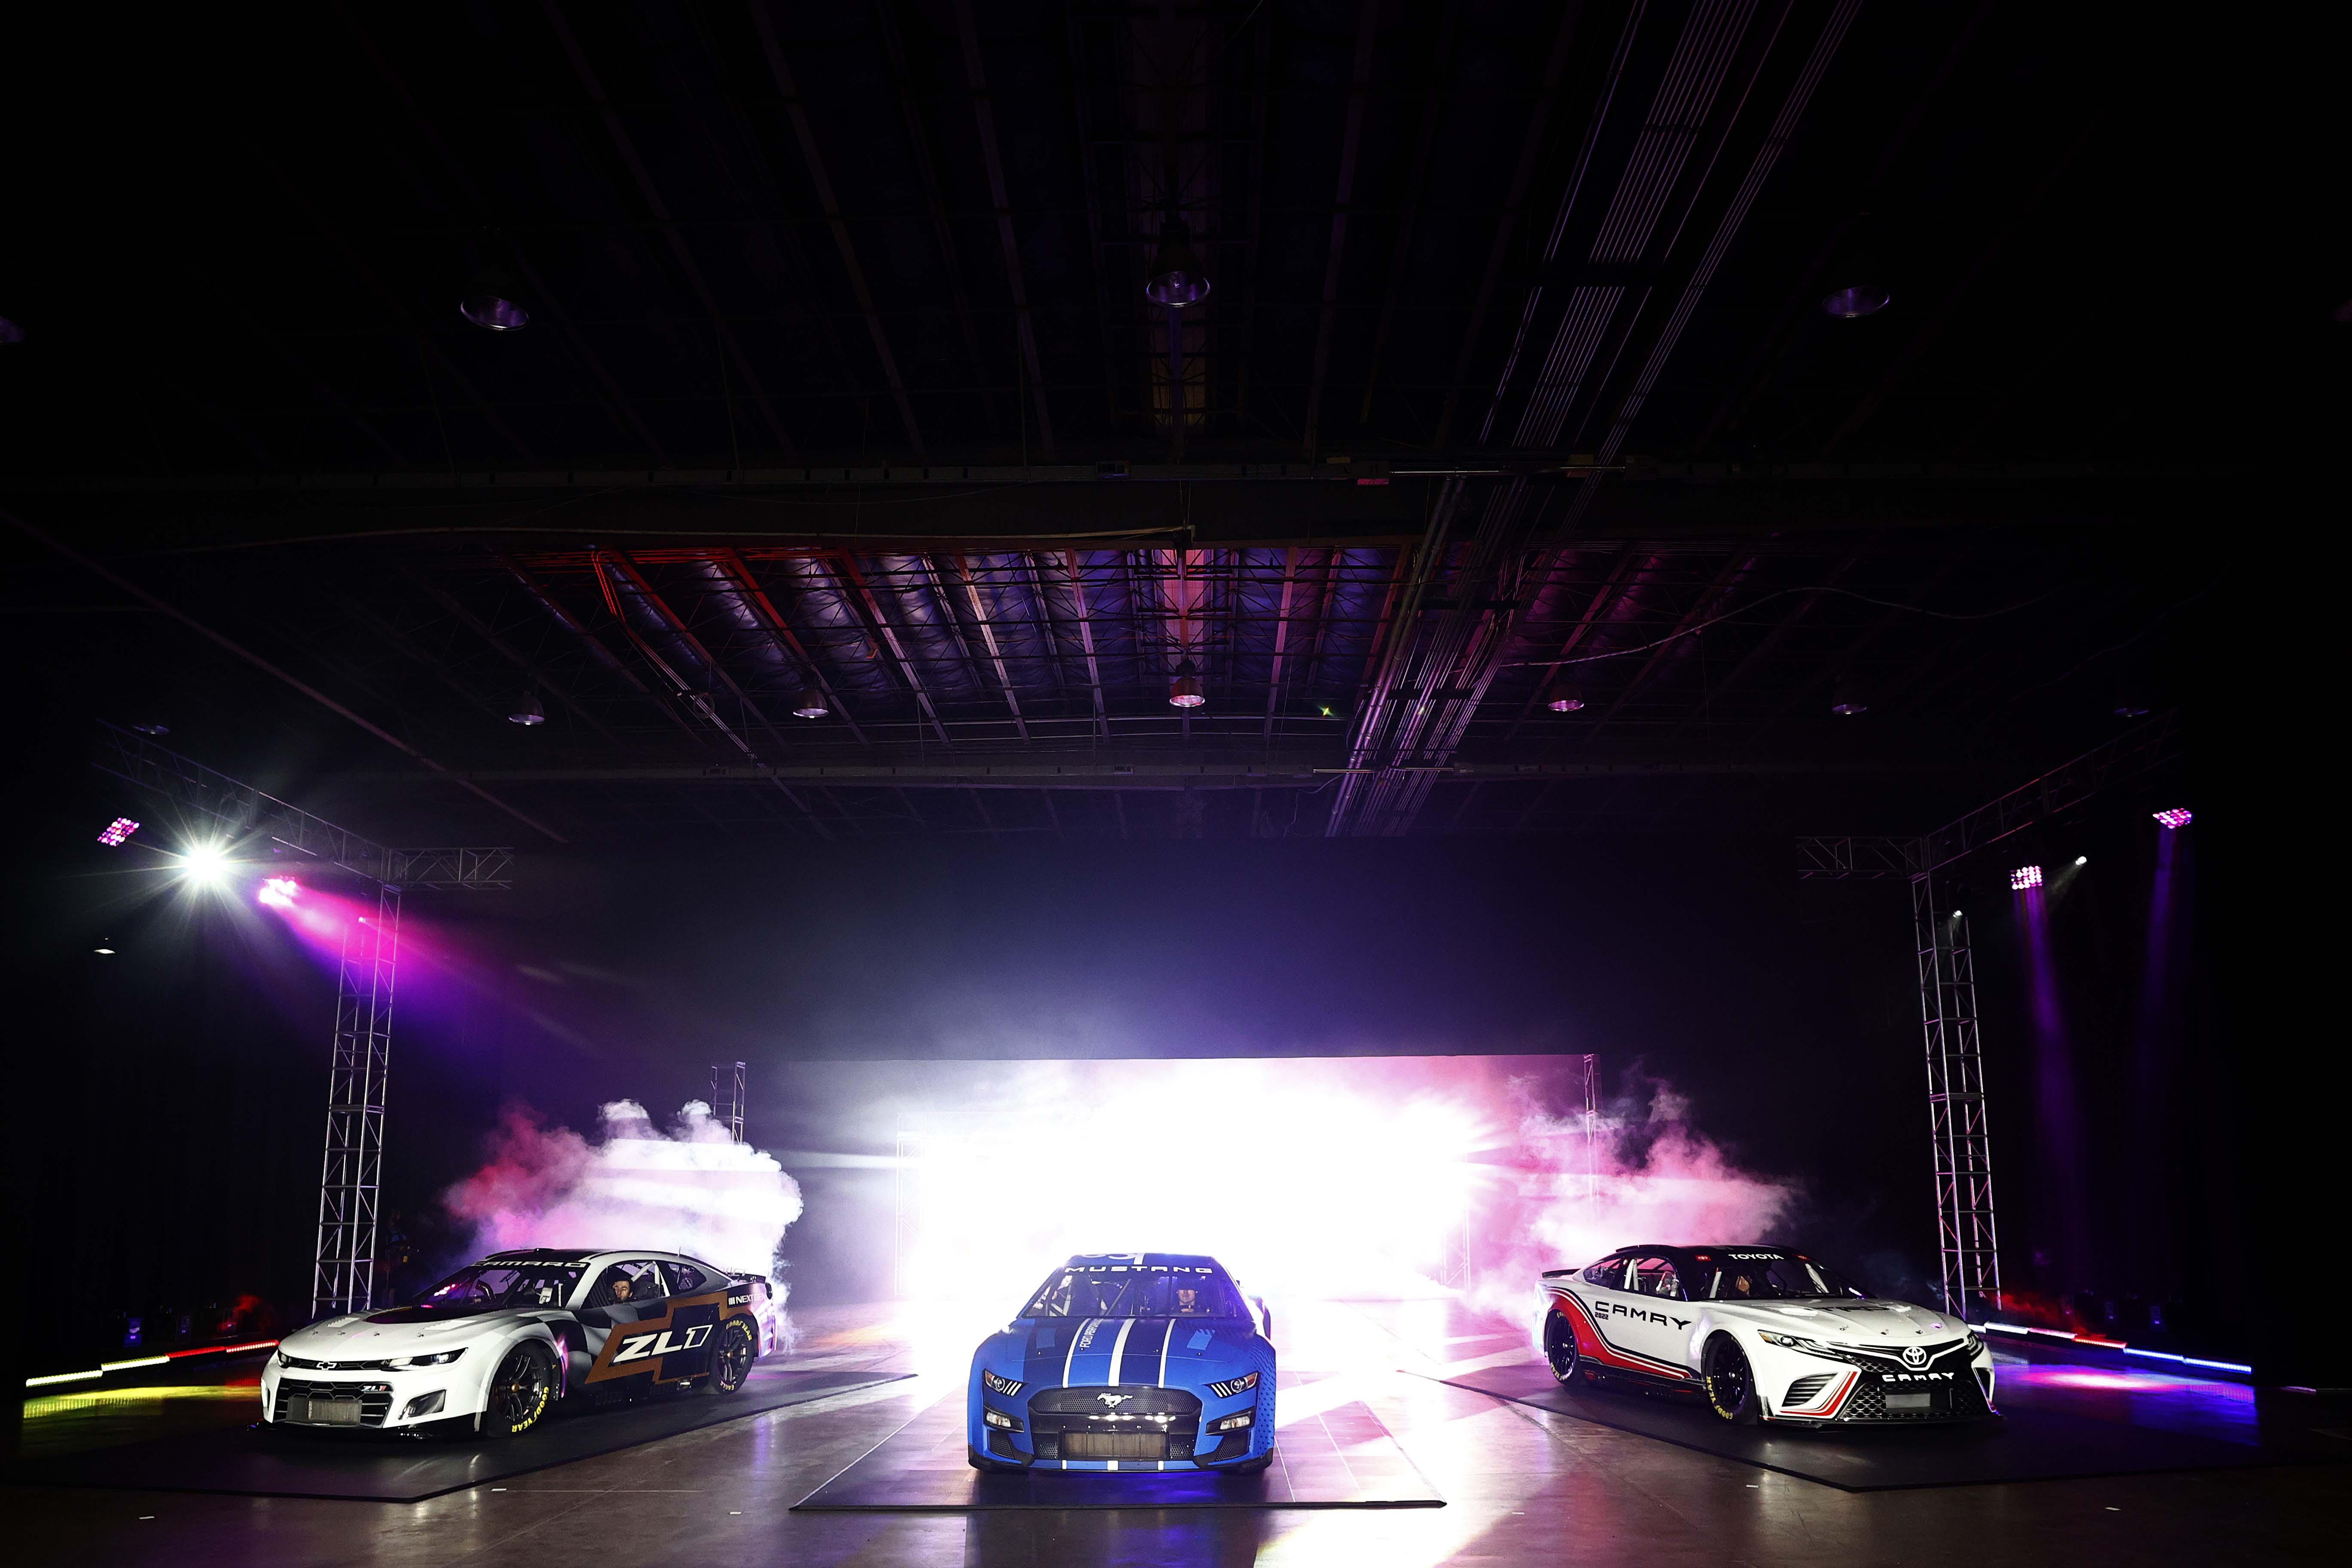 NASCAR Next Gen cars